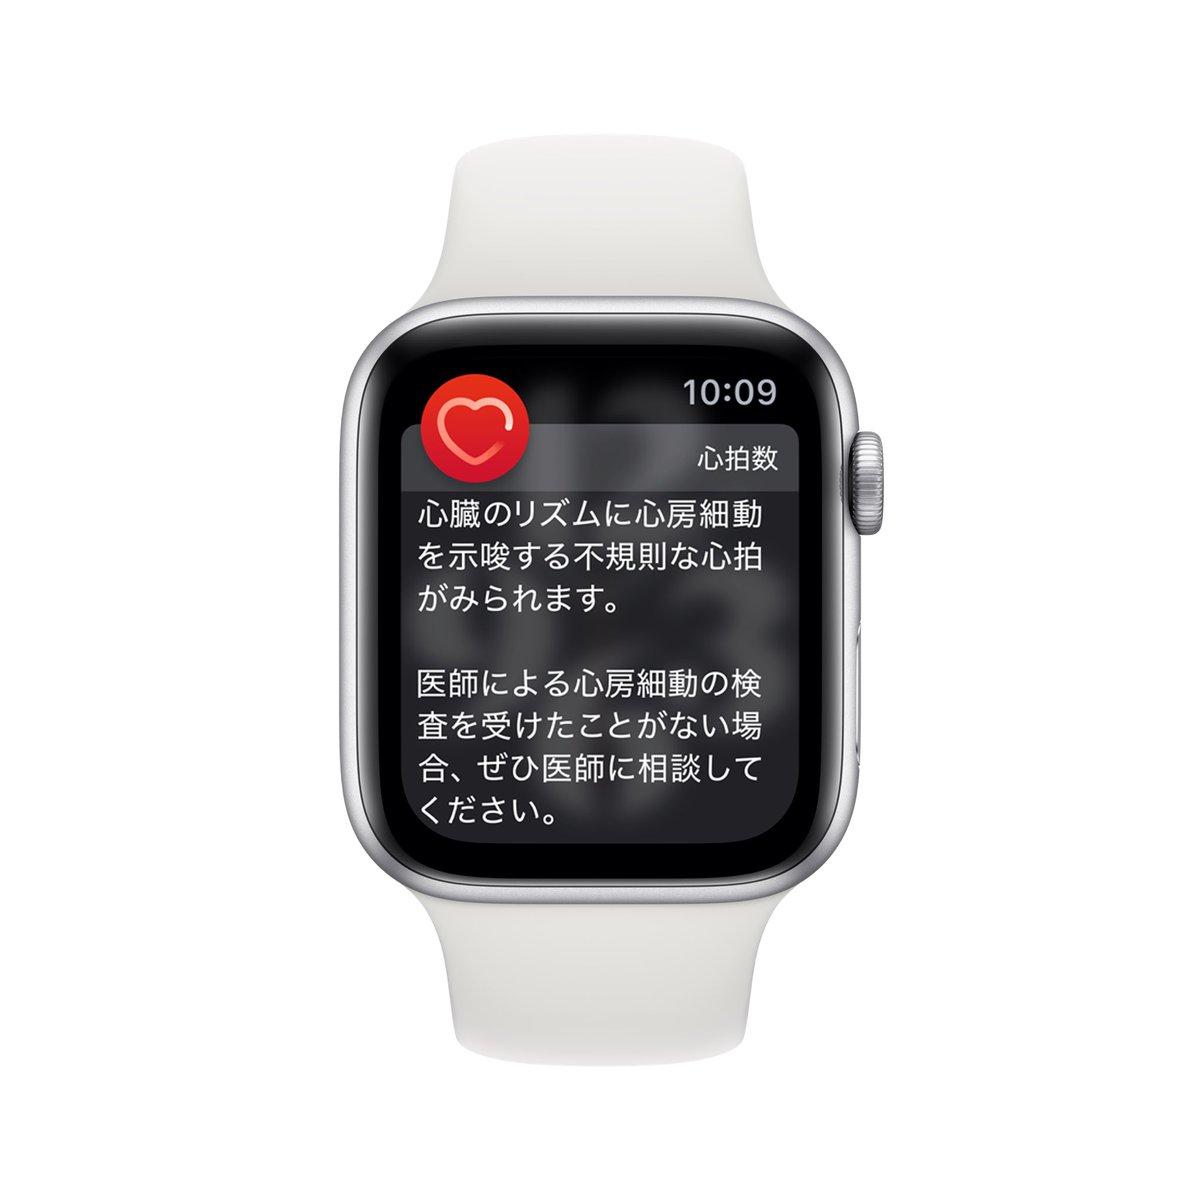 【情報解禁】 Apple WatchのECG(簡易心電図)と不規則な心拍の通知機能(IRN)、 ついに日本🇯🇵でも利用可能に! まもなく登場のOSアップデート、iOS 14.4とwatchOS 7.3で利用可能に。  無症状なために発見しにくい心房細動をこの機能で発見したという事例が世界中で数多く出ている実績ある機能です。 https://t.co/tFY9464mt0